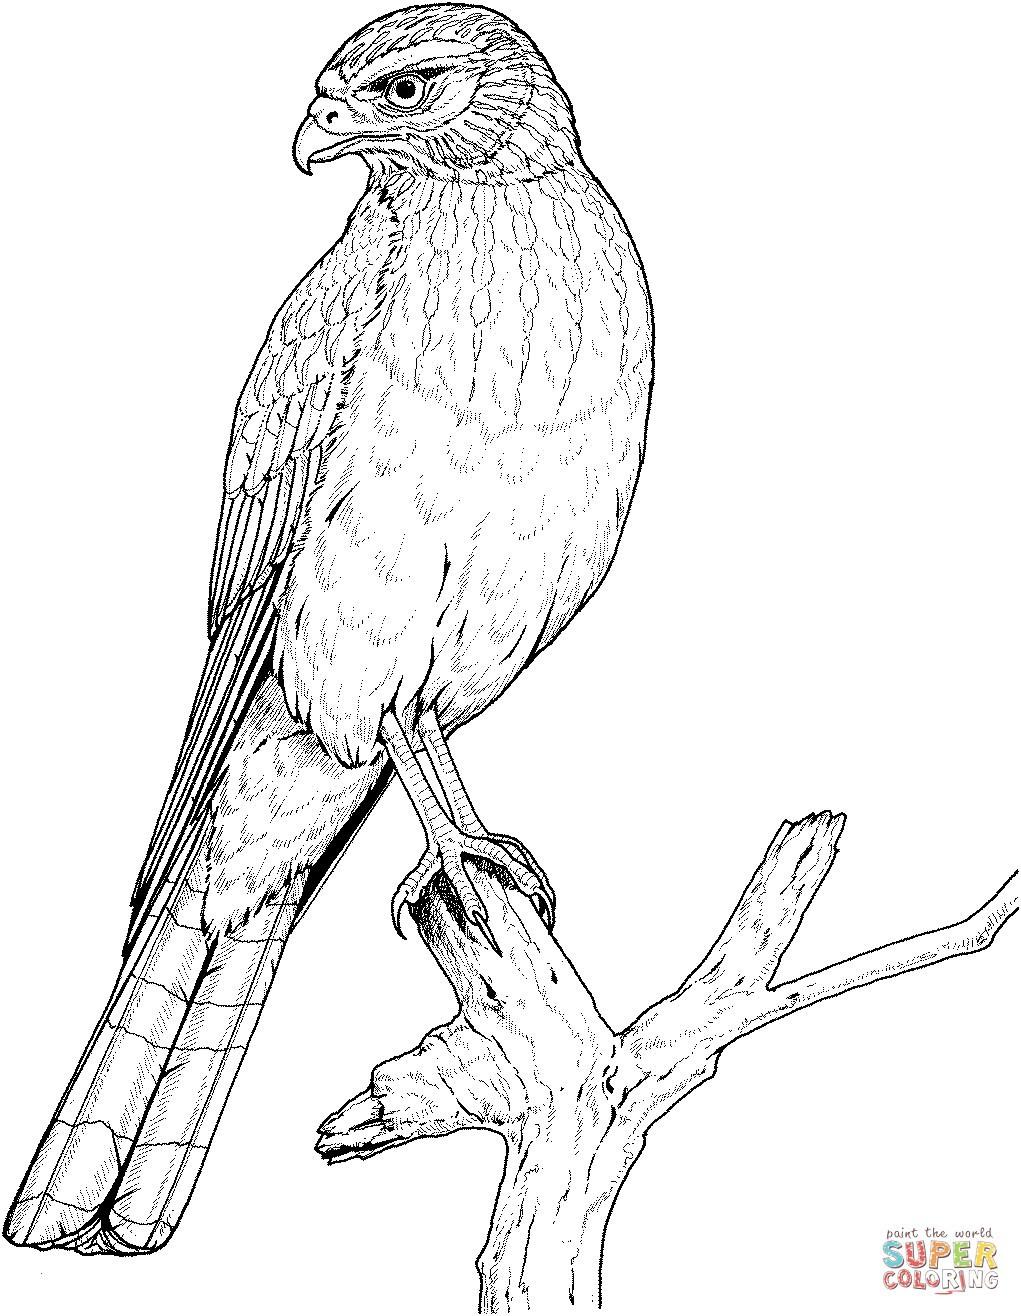 Adler Zeichnungen Zum Ausmalen Inspirierend 44 Elegant Ausmalbilder Adler Malvorlagen Sammlungen Galerie